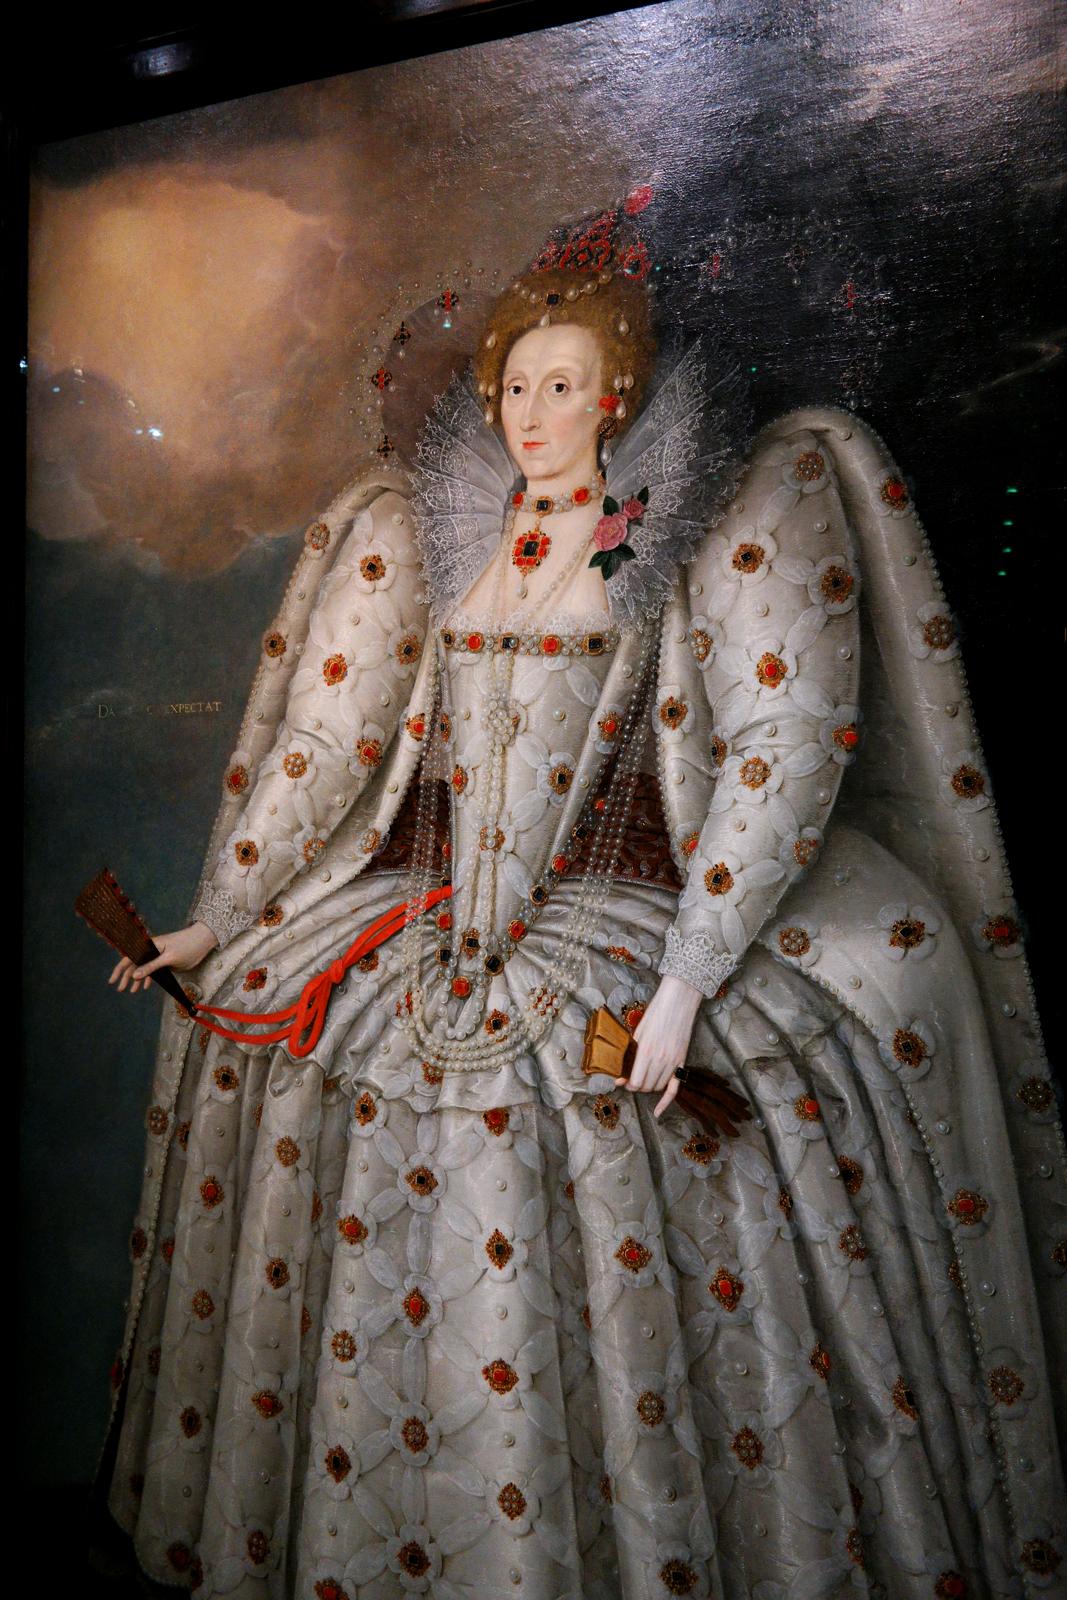 Elisabeth 1ère - dit The Ditchley Portrait - Marcus Gheeraerts le Jeune - vers 1592 - Londres, National Portrait Gallery